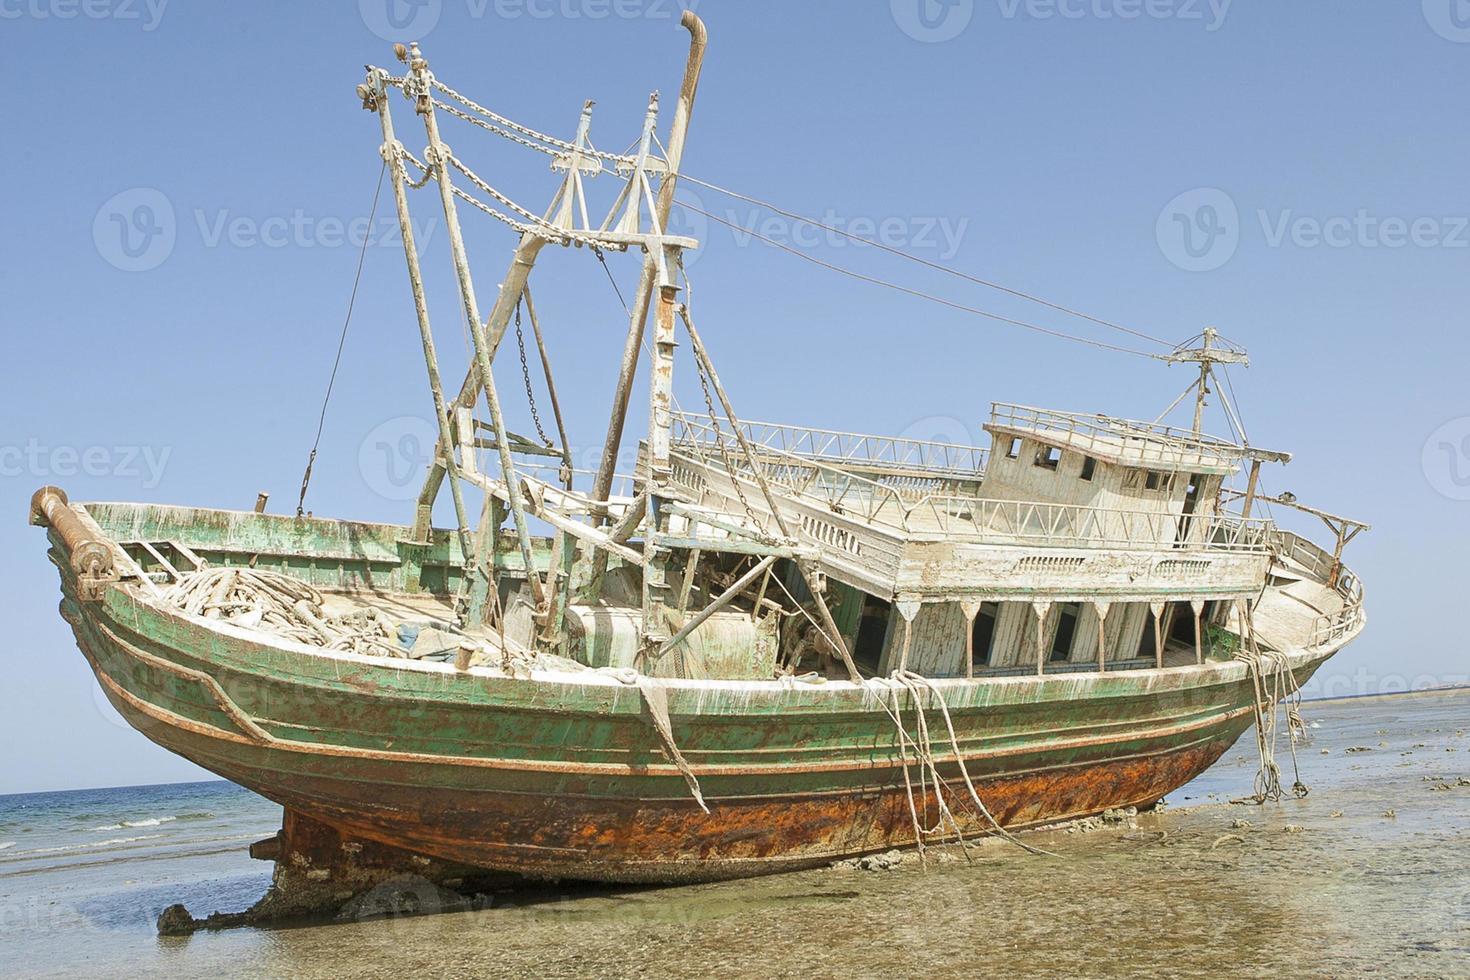 nave arenata sulla costa egiziana foto